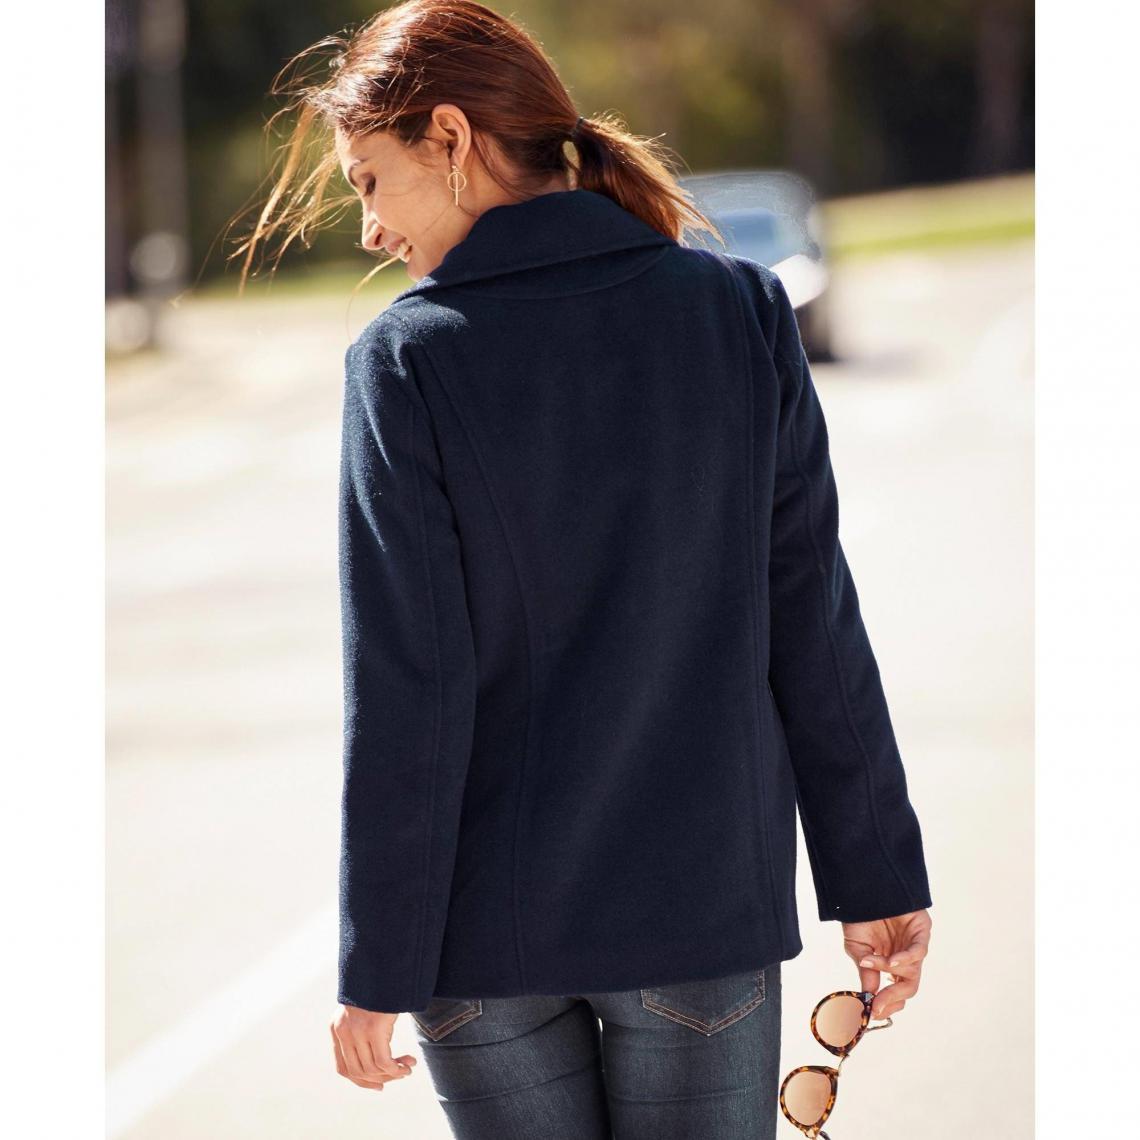 b98d79043b524 Manteaux femme 3 Suisses Cliquez l image pour l agrandir. Manteau court  évasé double boutonnage doublé femme Exclusivité 3SUISSES - Bleu Marine ...